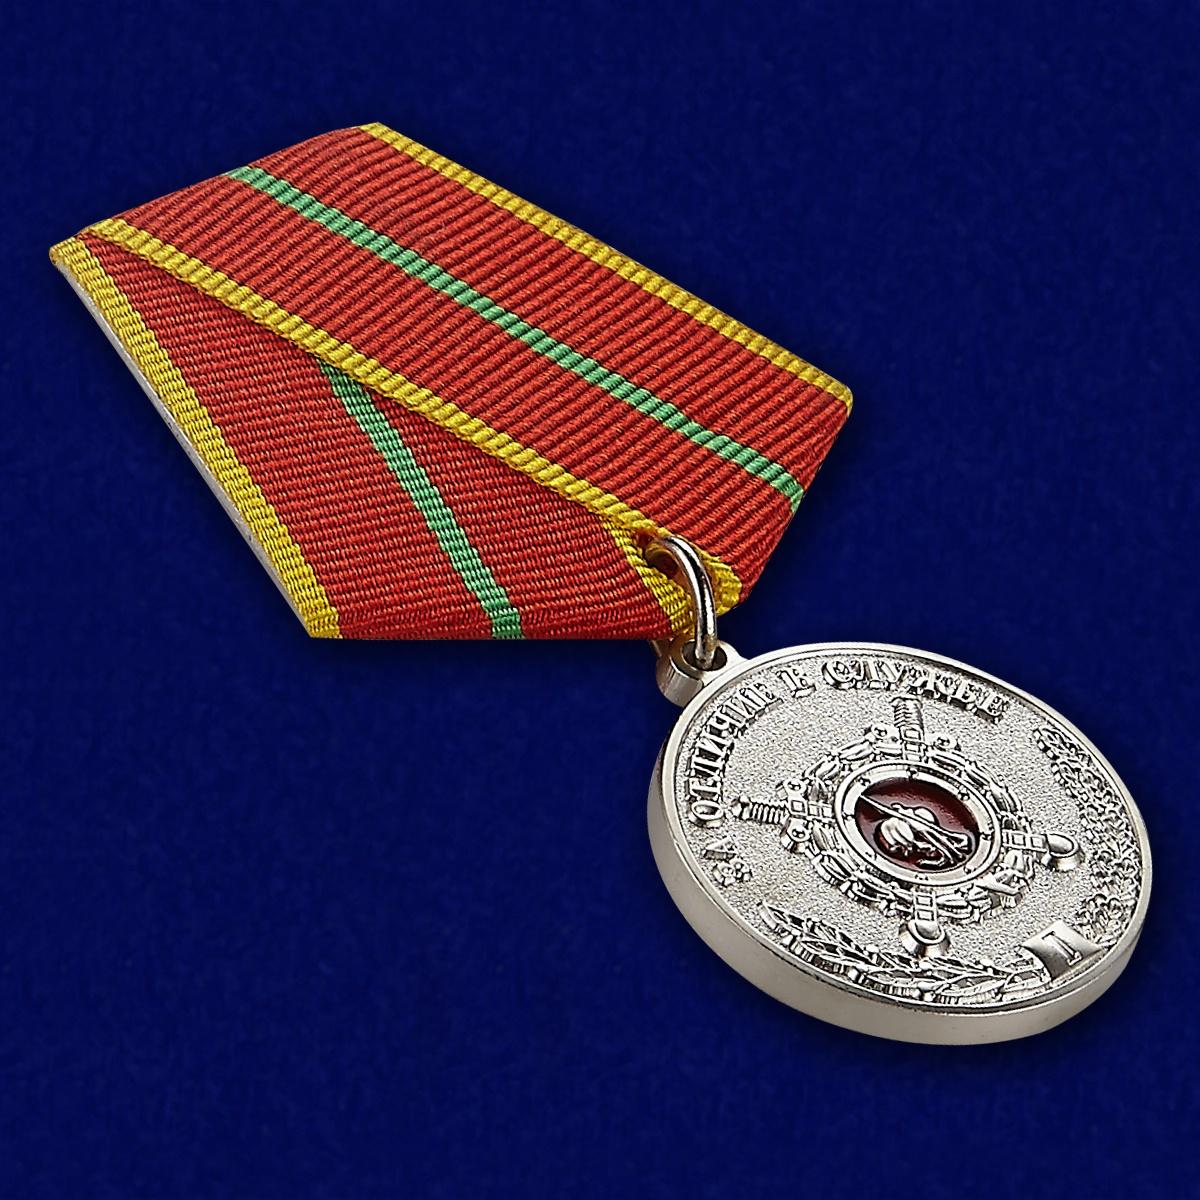 Медаль МВД России «За отличие в службе» 1 степень - вид под углом